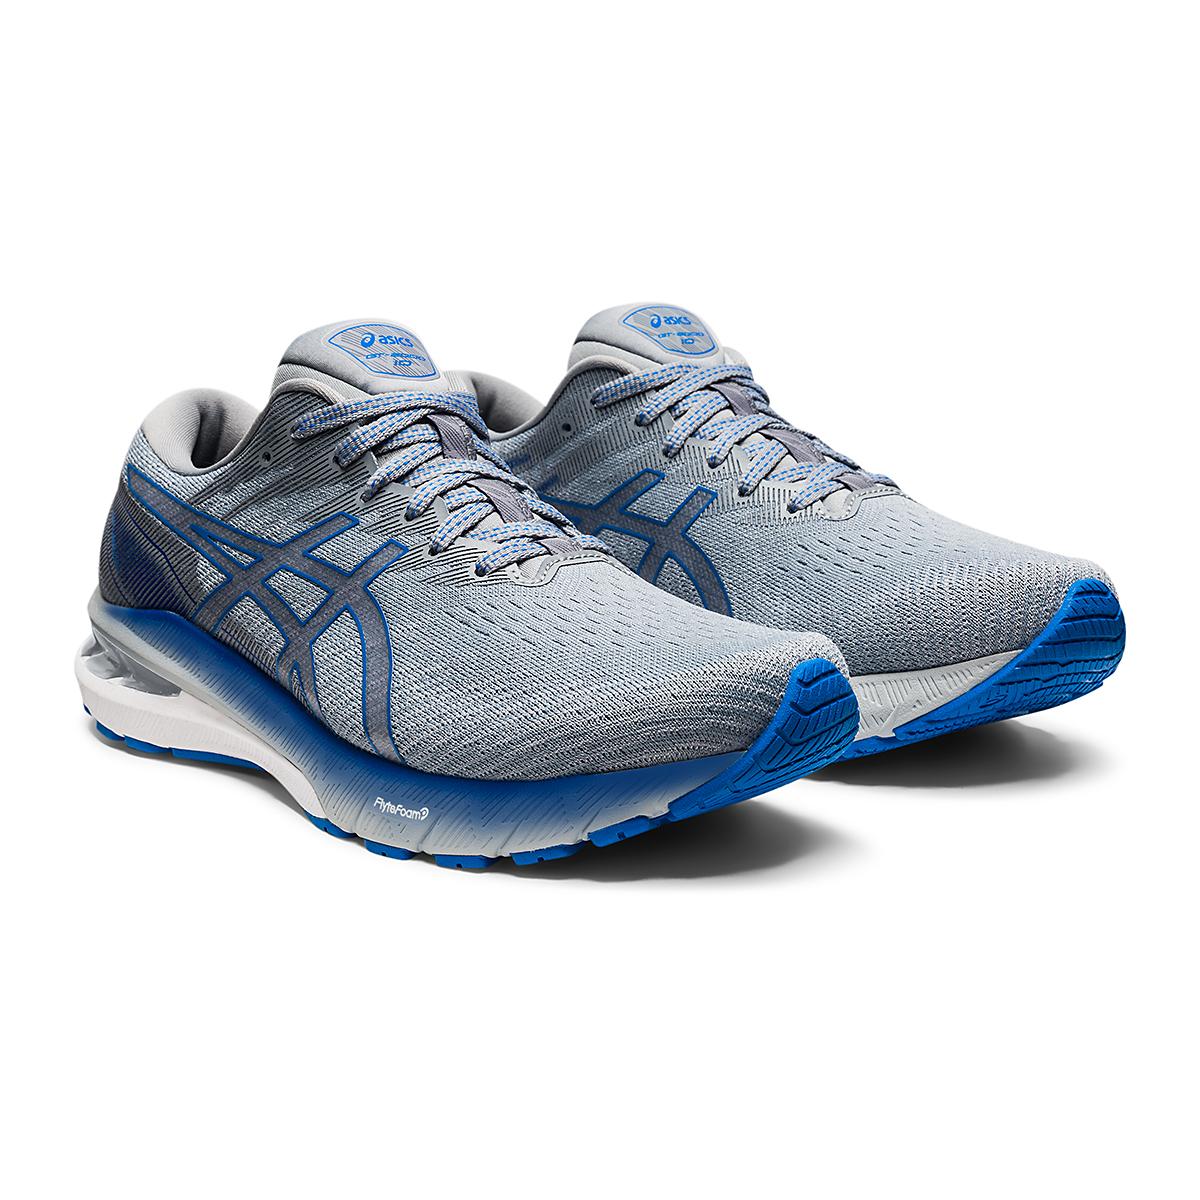 Men's Asics GT-2000 10 Running Shoe - Color: Sheet Rock/Electric Blue - Size: 7 - Width: Wide, Sheet Rock/Electric Blue, large, image 3